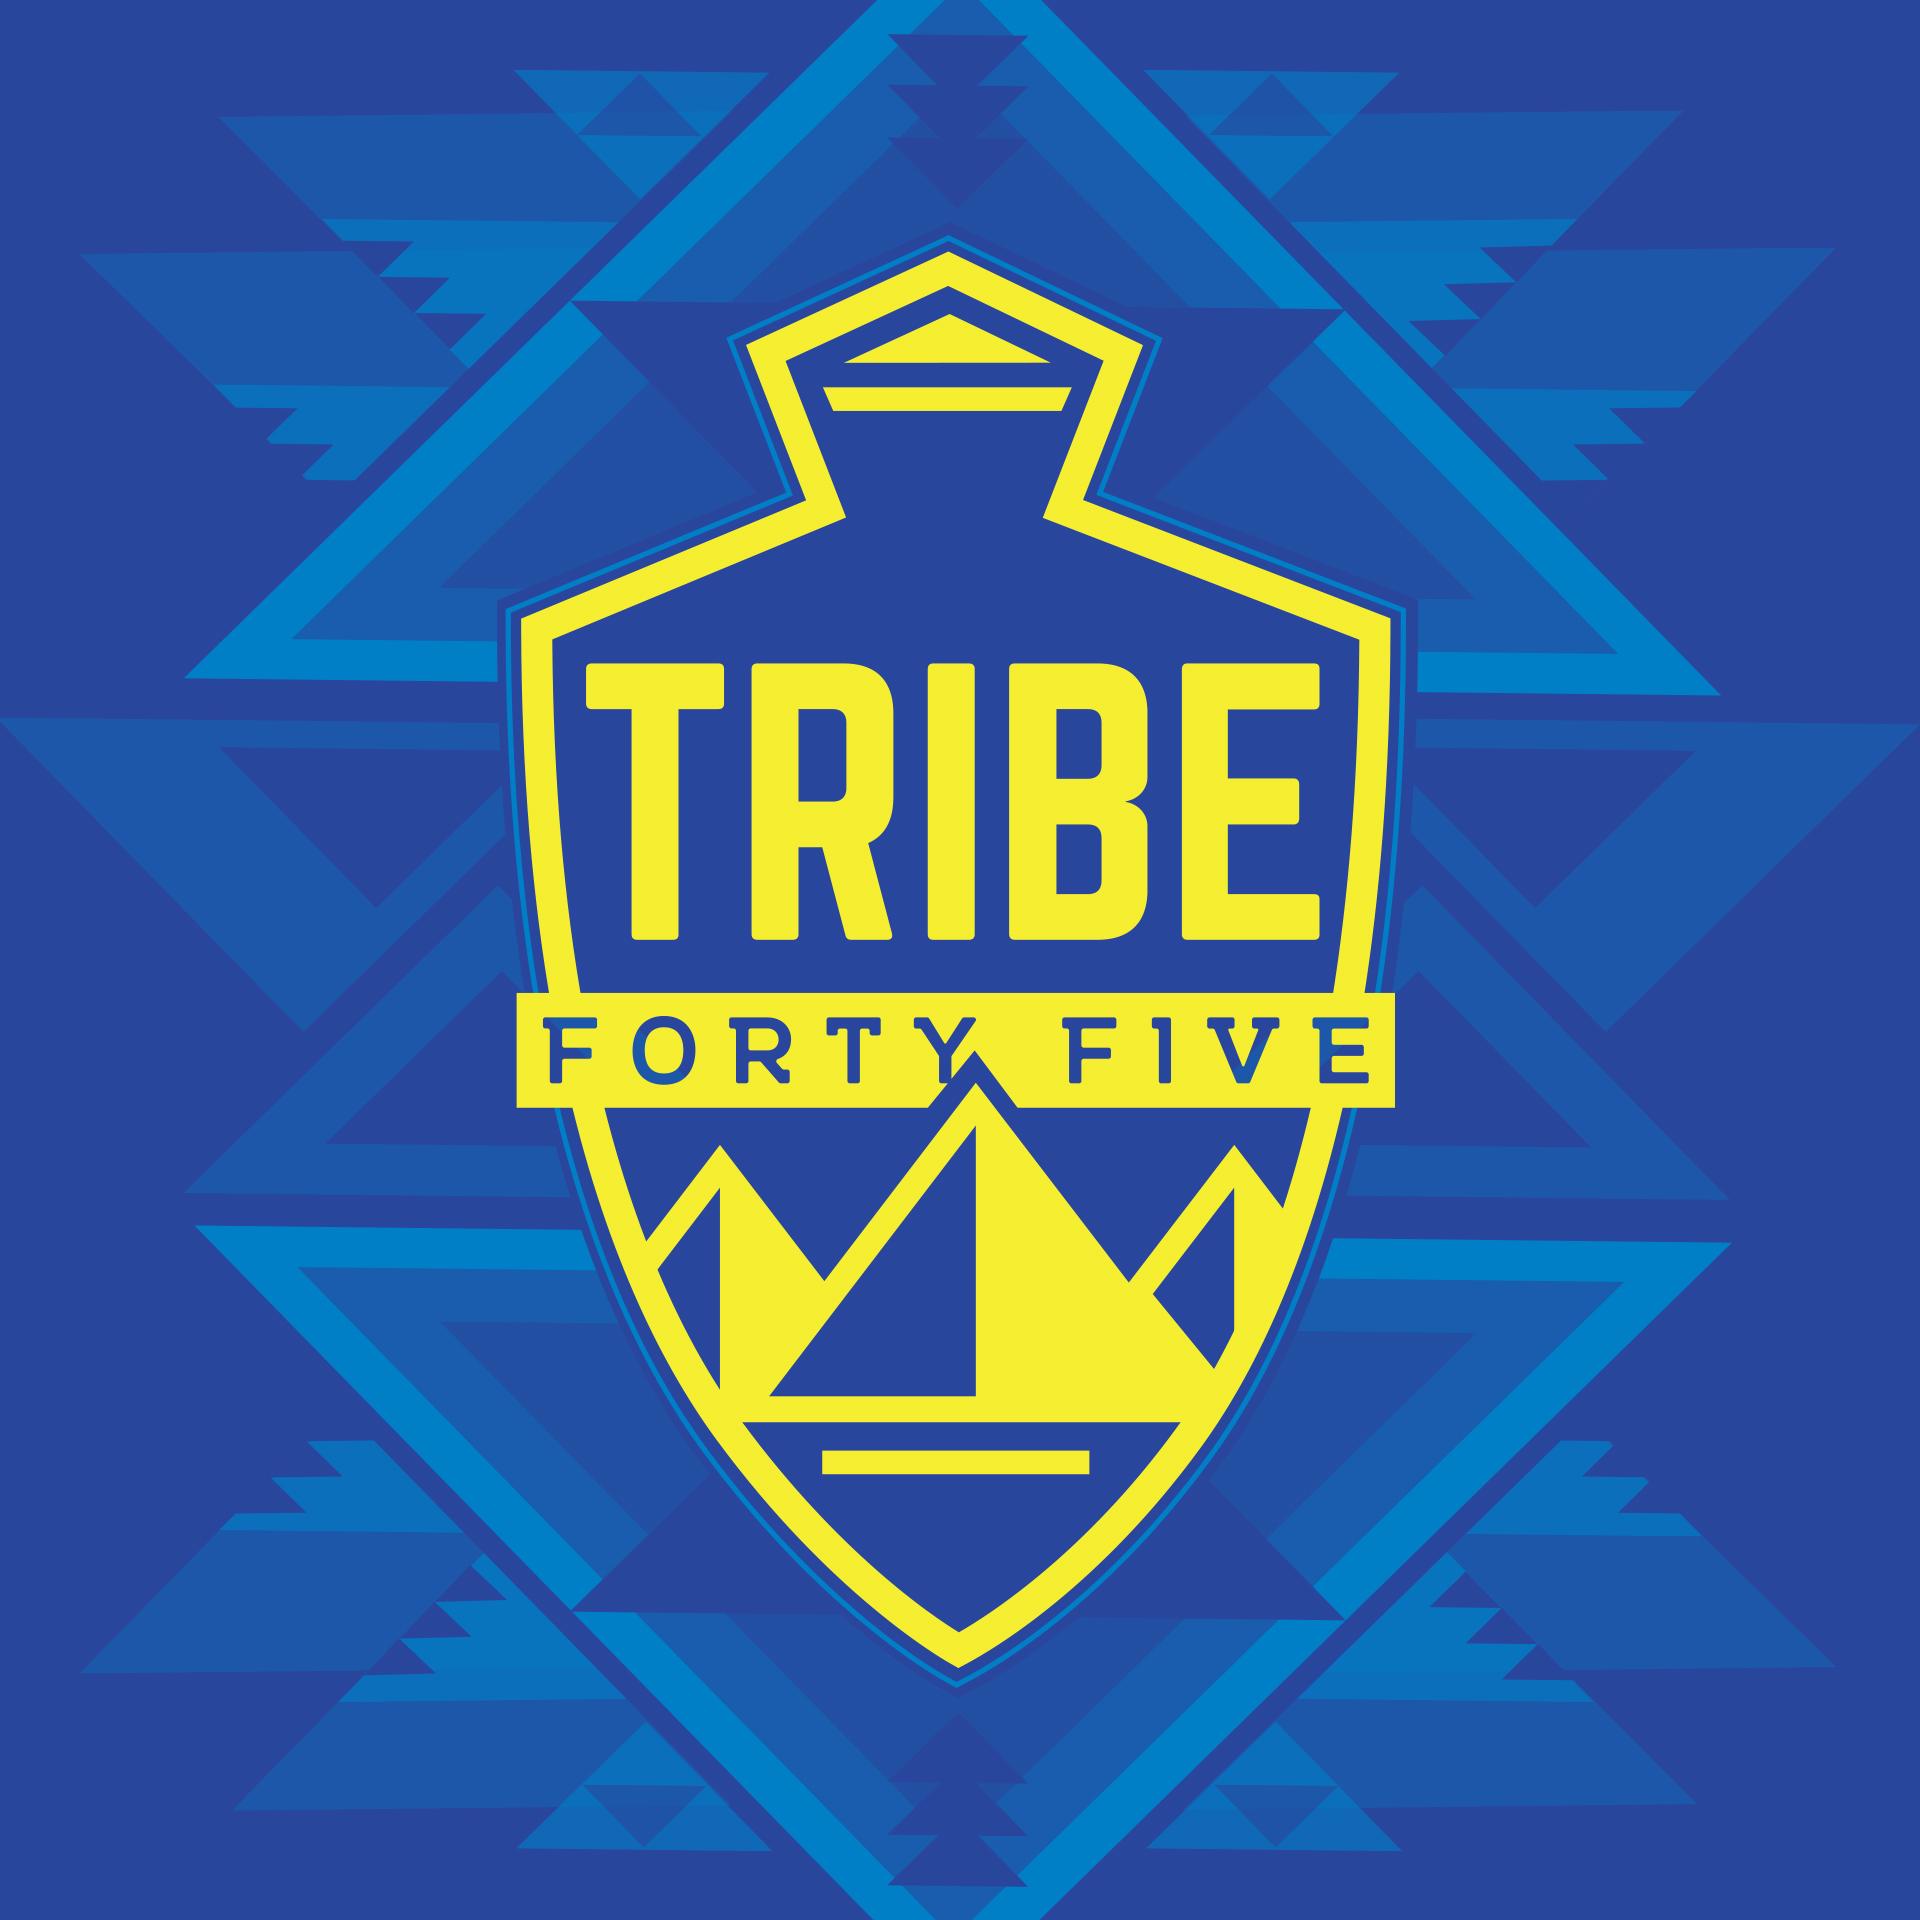 Tribe45 socialmedia